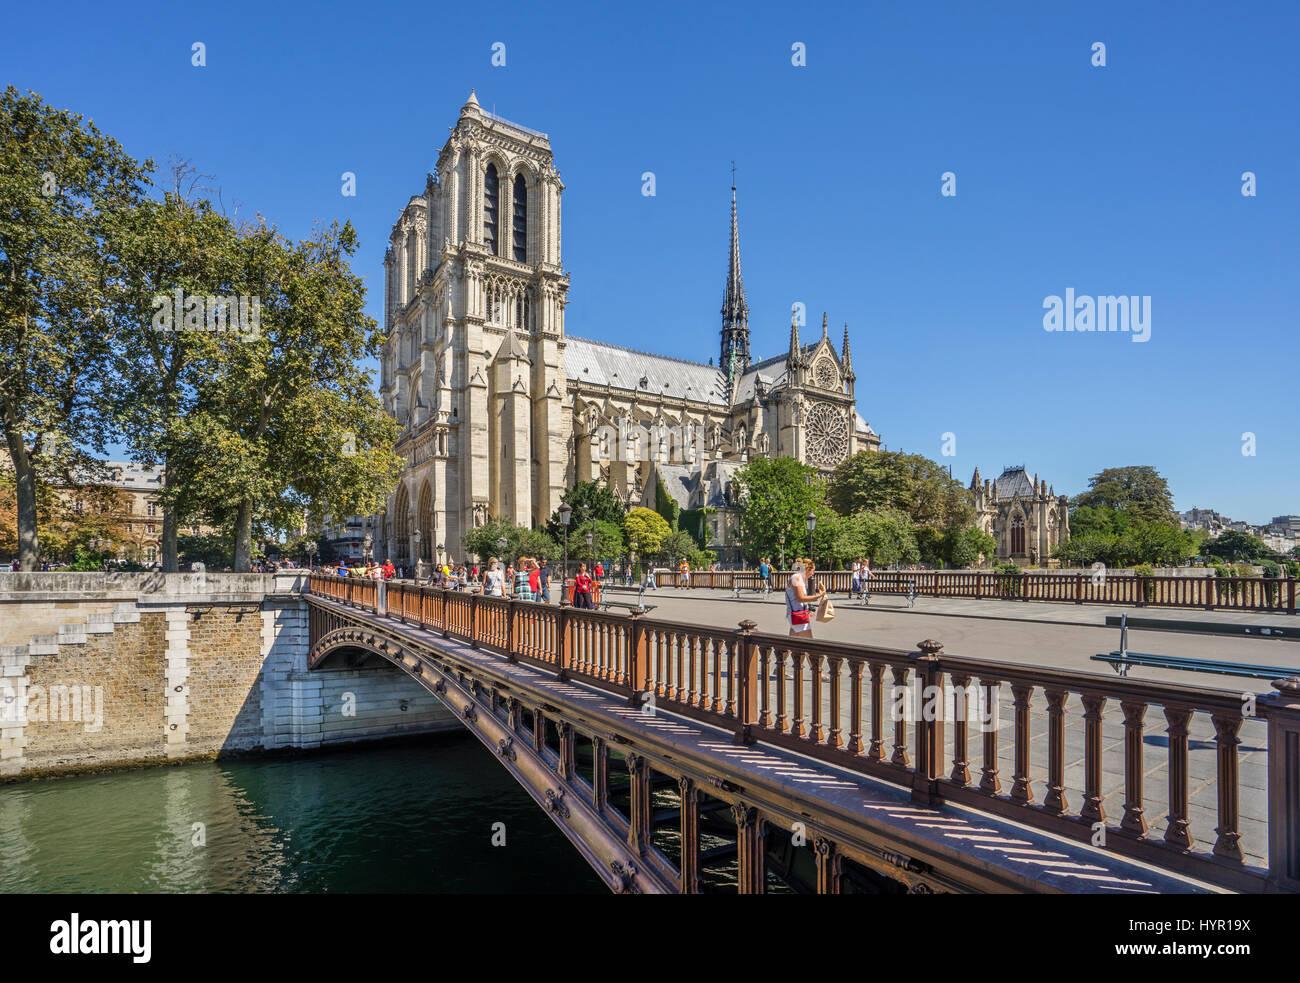 France, Paris, Seine, Ile de la Cité, view of Notre Dame Cathedral from Pont au Double - Stock Image